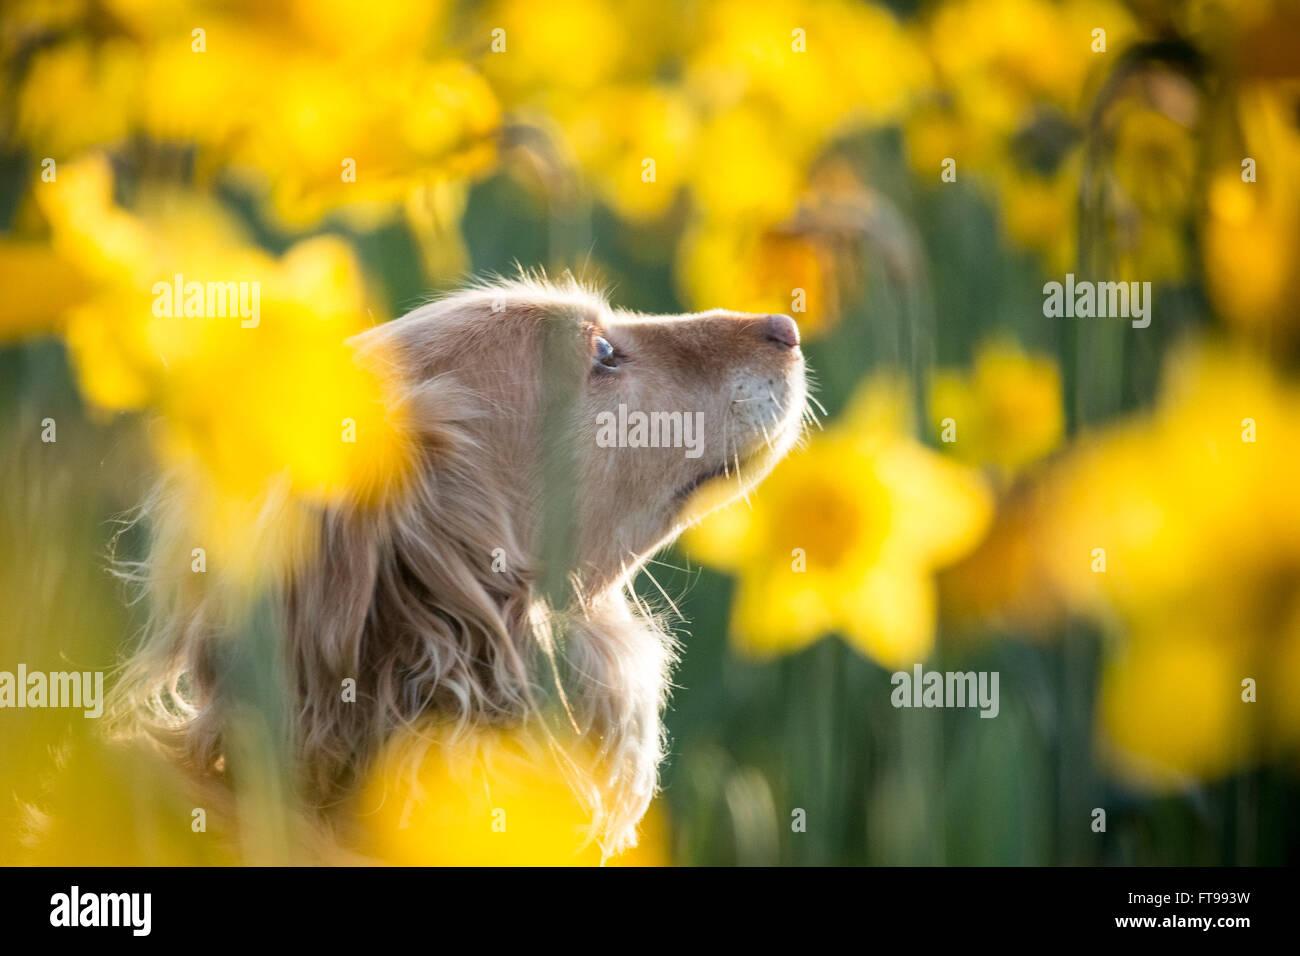 London, UK. 25. März 2016. UK-Wetter: Narzissen Frühlingsblumen im St. James Park gesehen am Nachmittag Stockbild